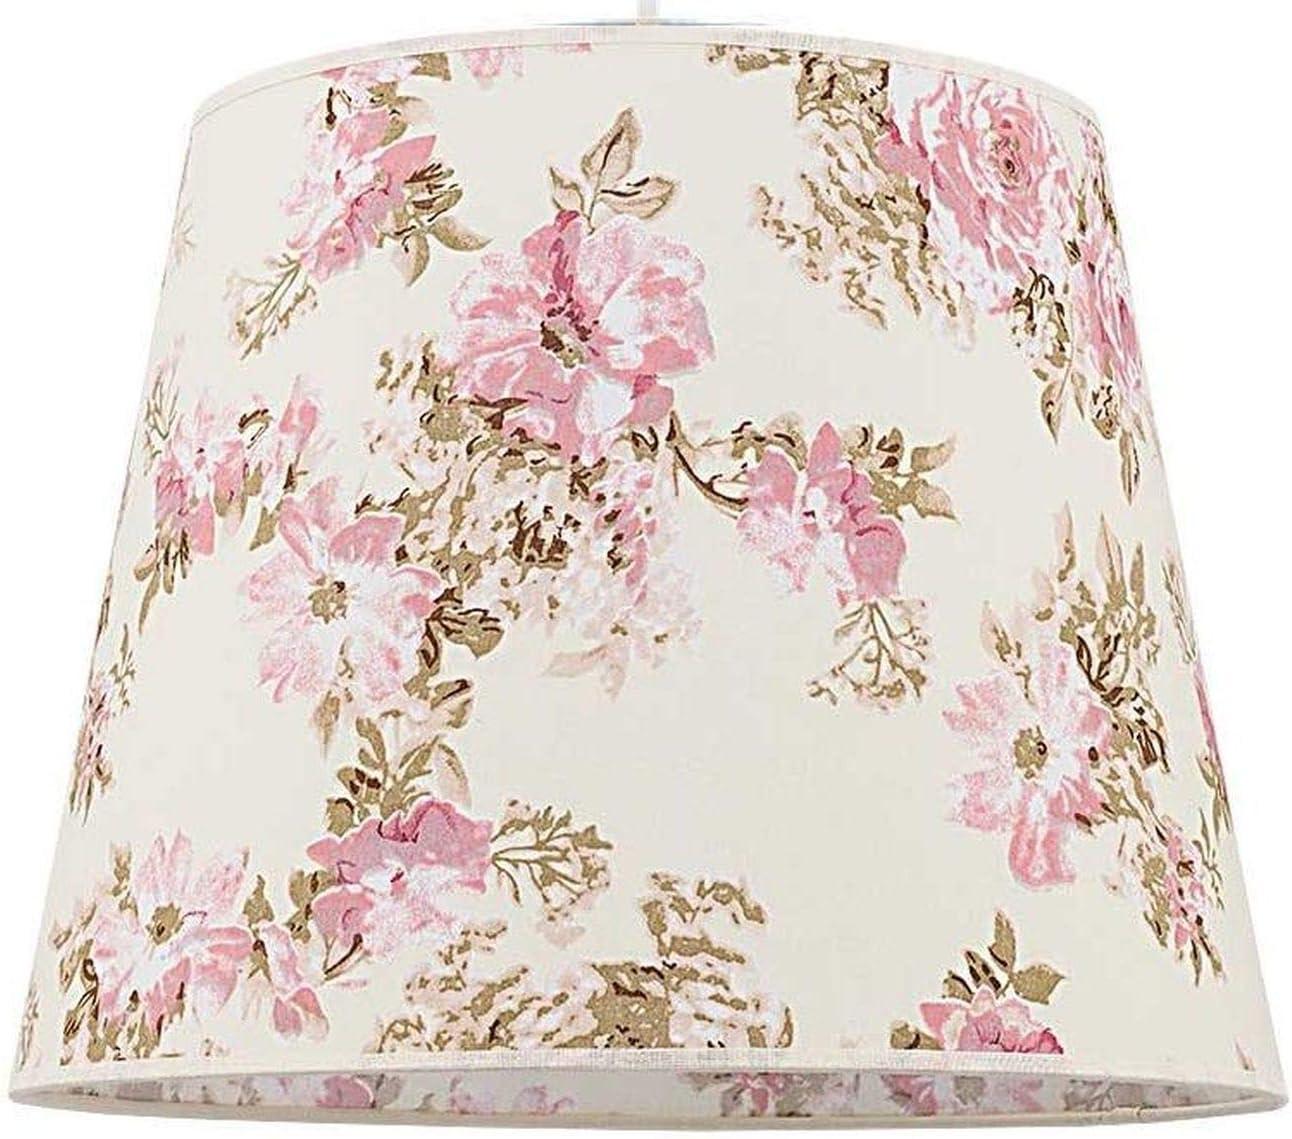 Abat jour conique en tissu pour lampadaire E27 motif fleur